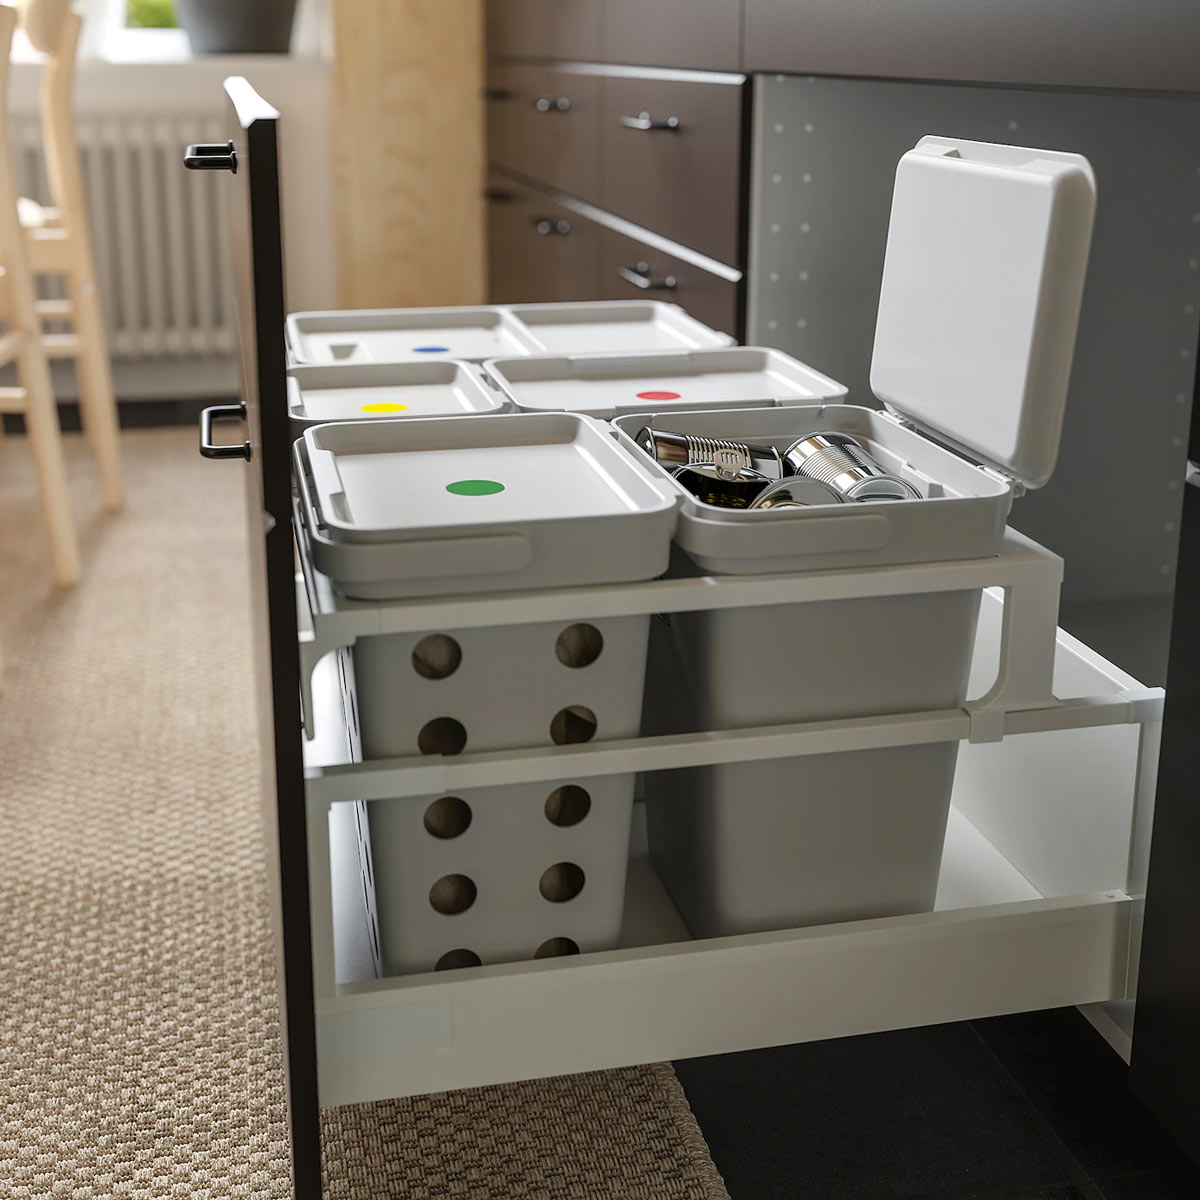 soluzione per la raccolta differenziata dei rifiuti da posizionare sotto il lavello, IKEA HÅLLBAR